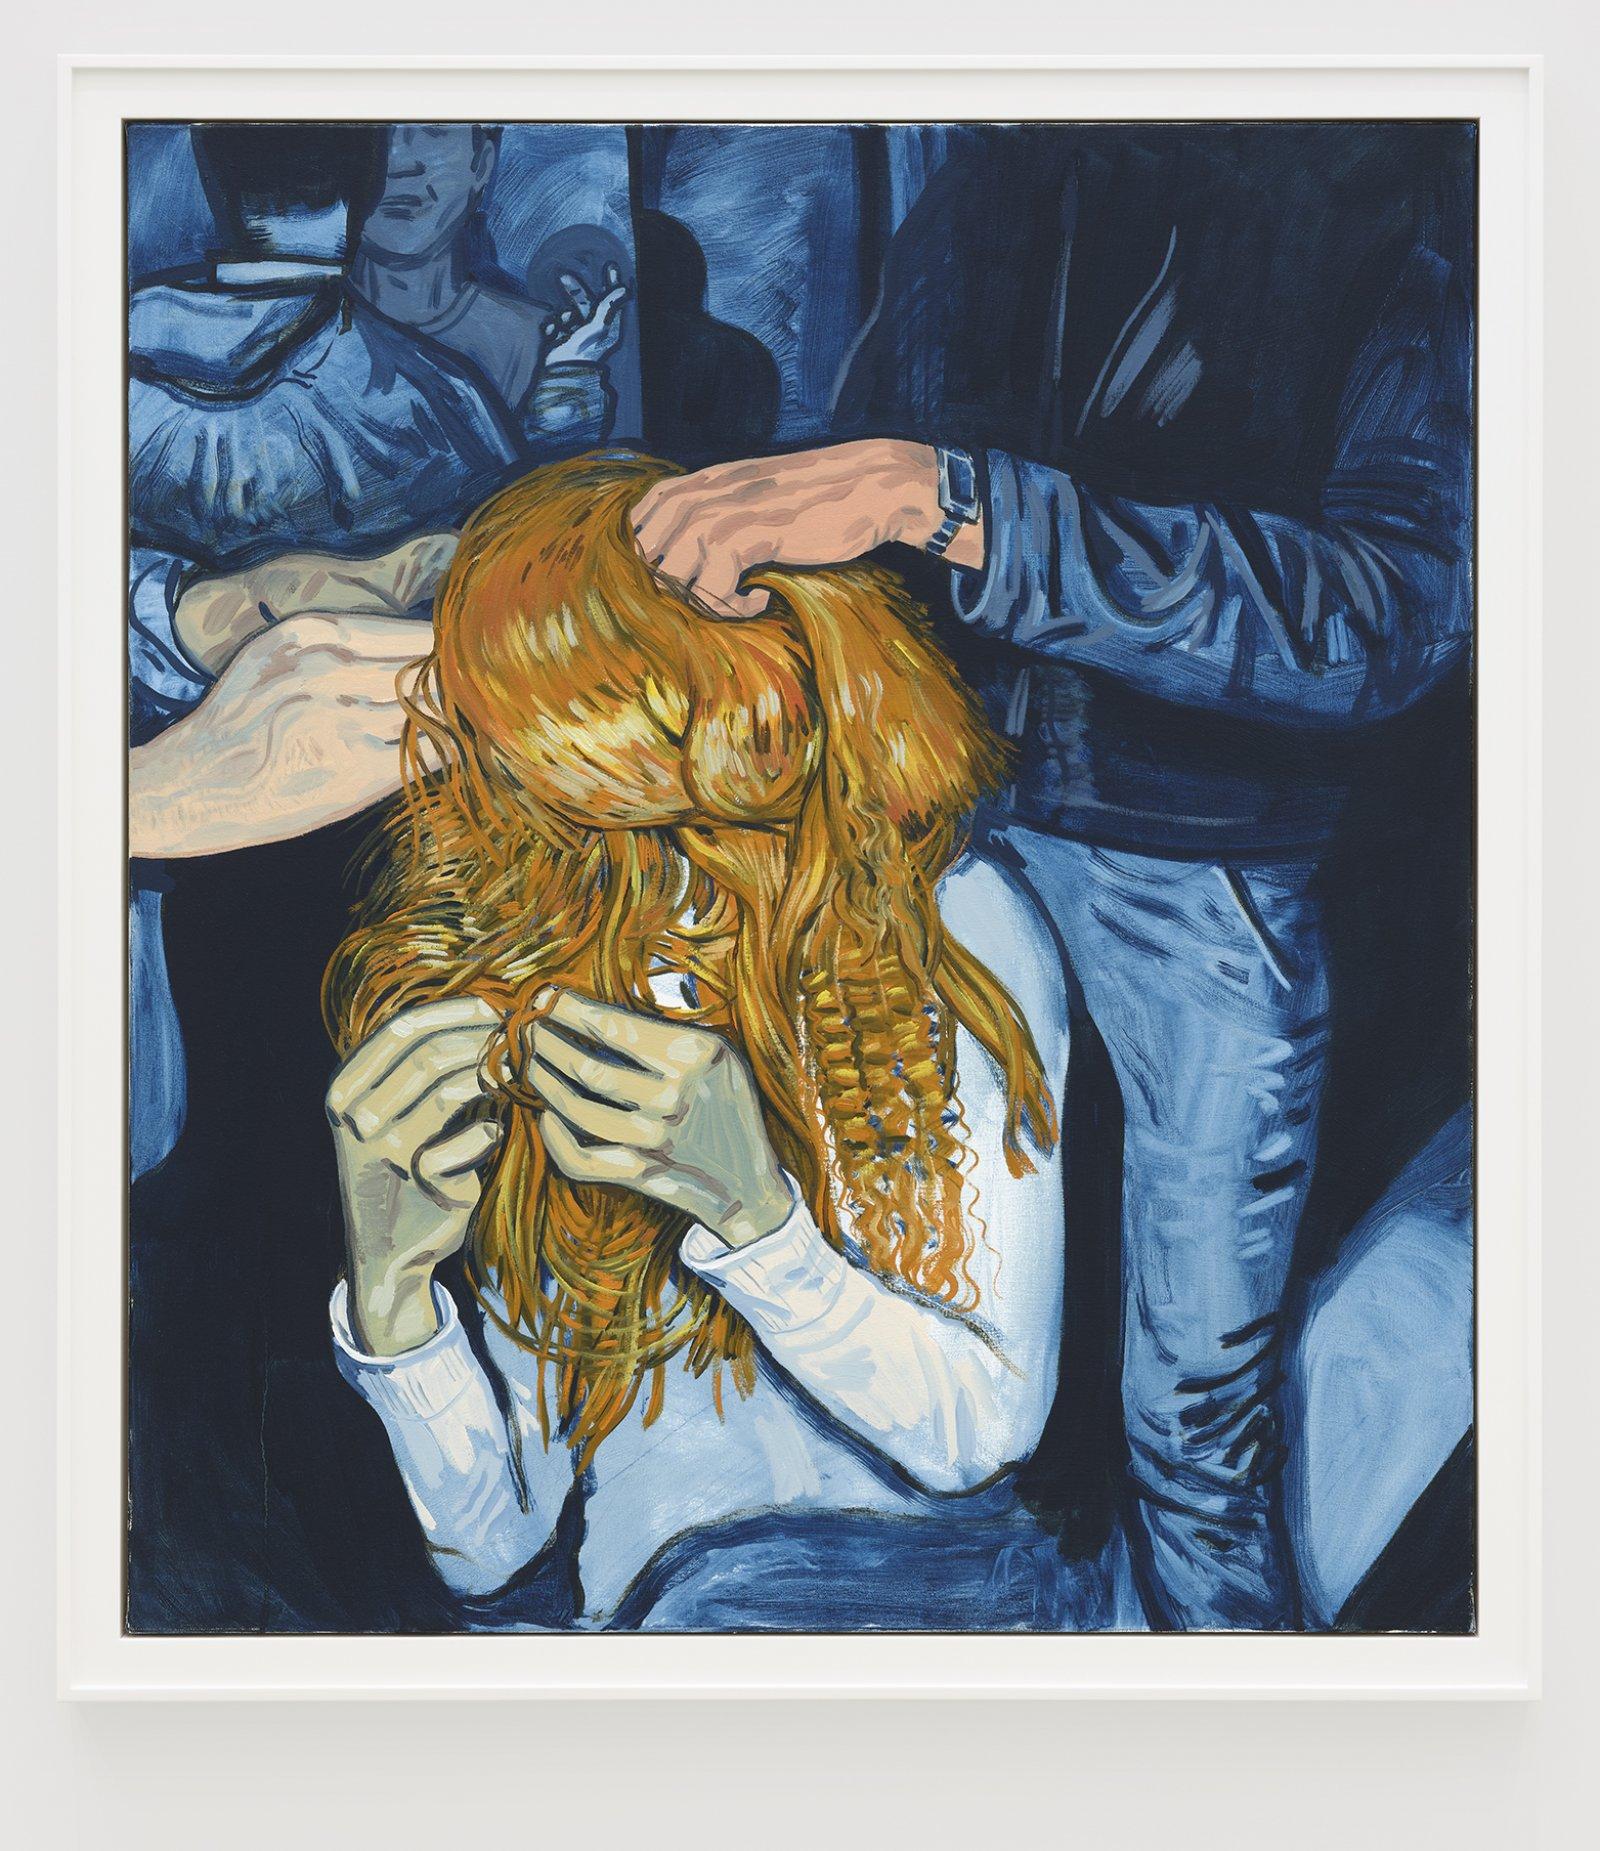 Damian Moppett, Hairdo, 2020, oil on canvas, 51 x 45 in. (128 x 115 cm) by Damian Moppett